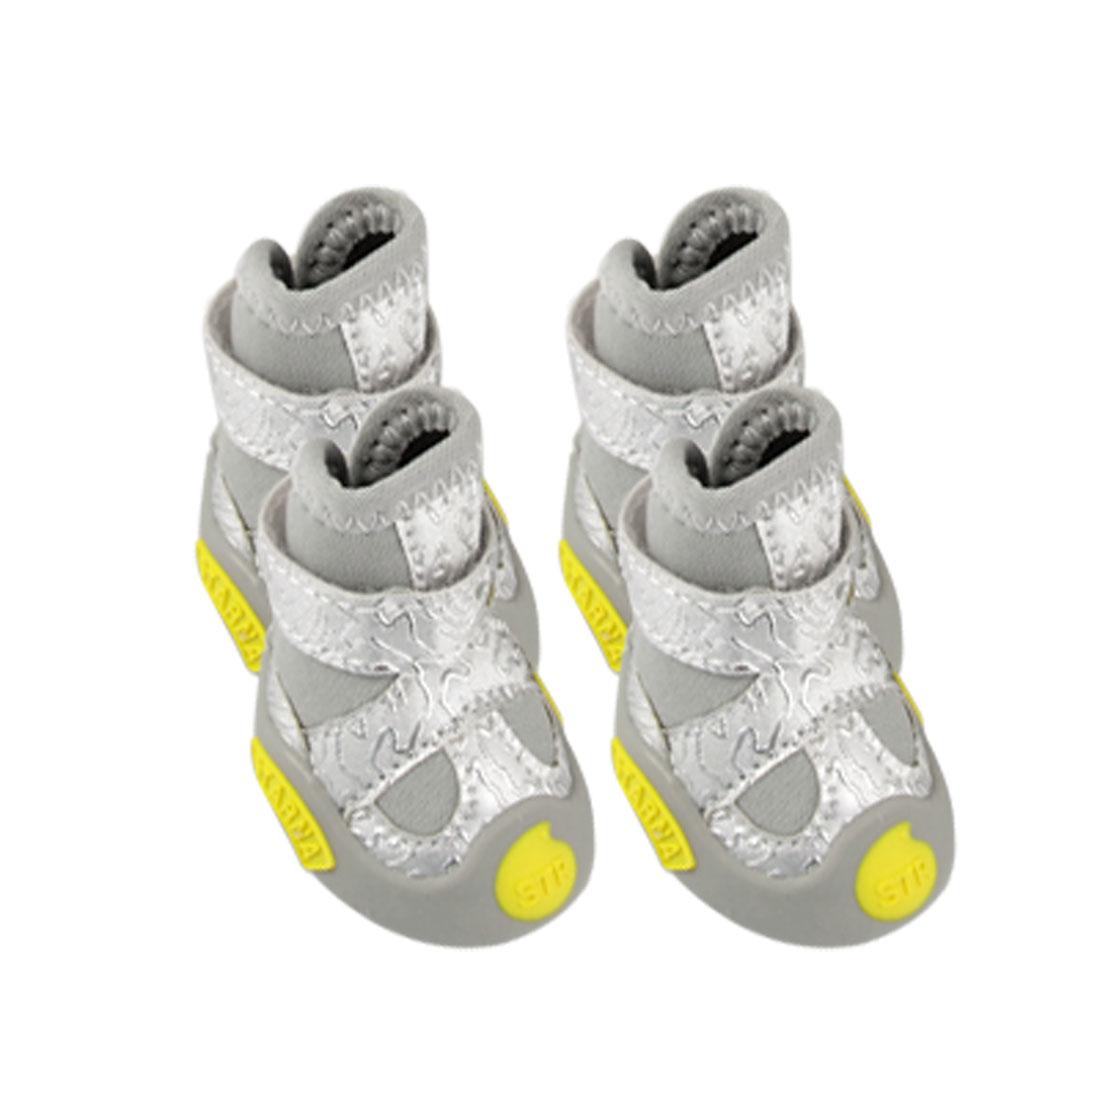 Pet 2 Pair Detachable Closed Warm Sponge Filled Gray Shoes Size 5